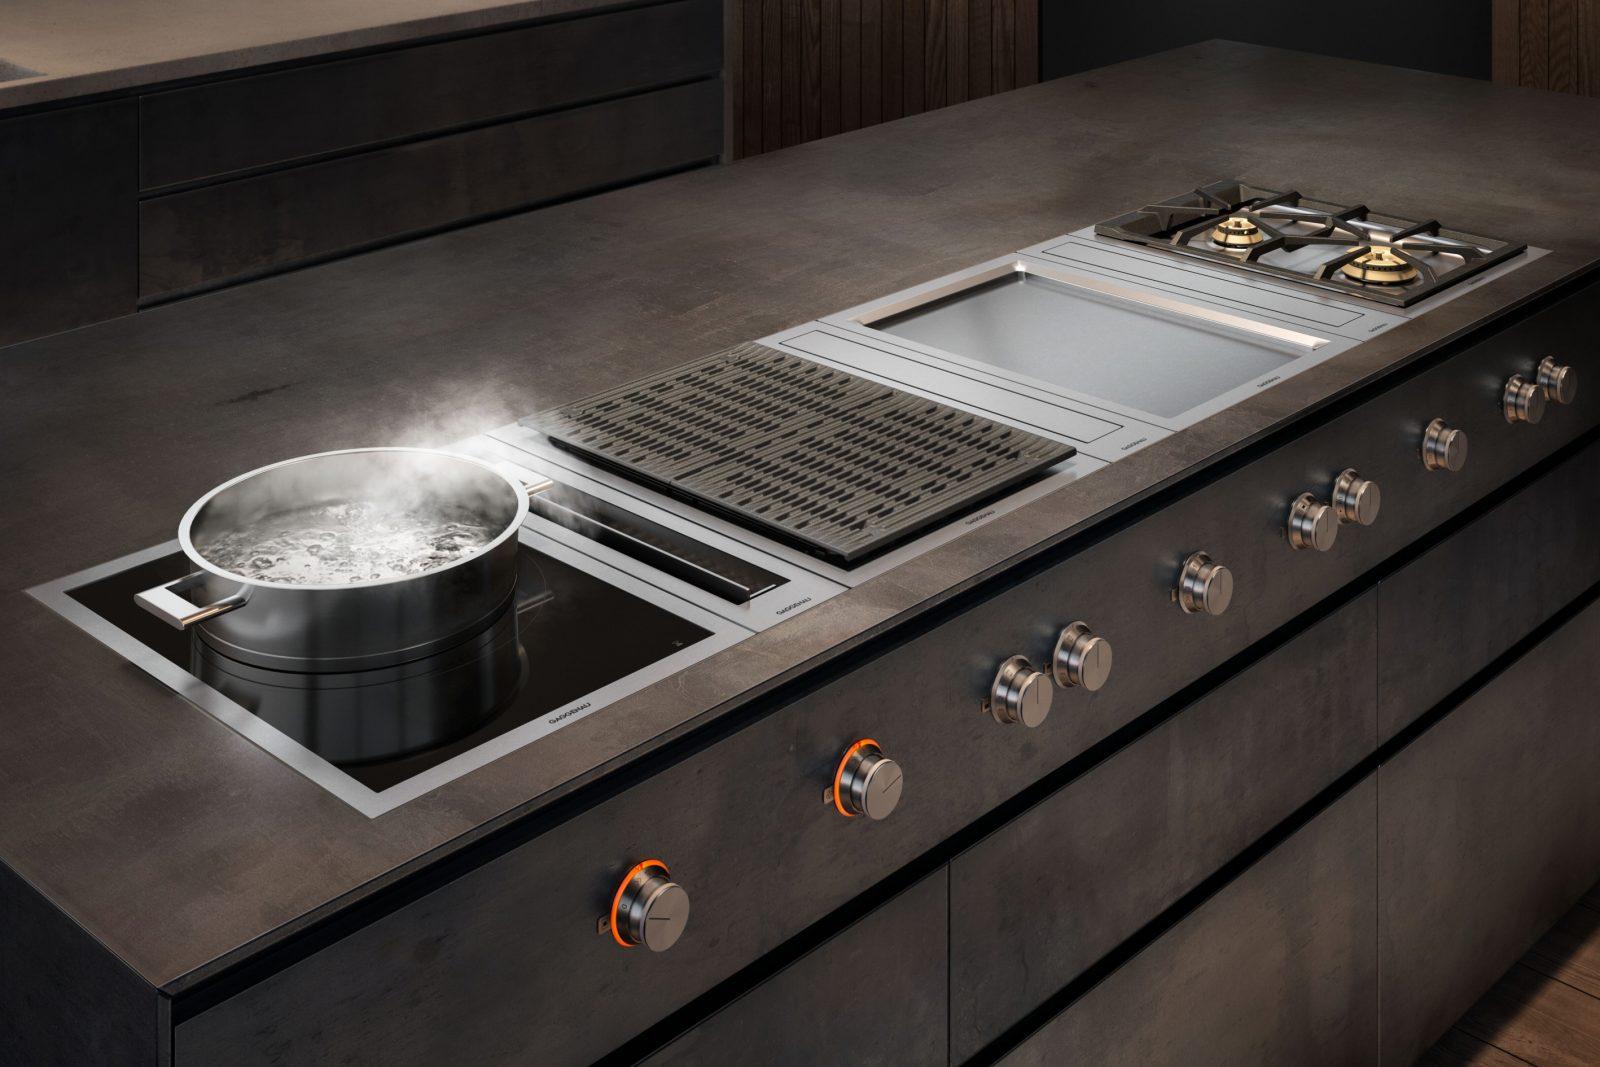 gaggenau-cooktops-400-series-vario-cooktops-teaser